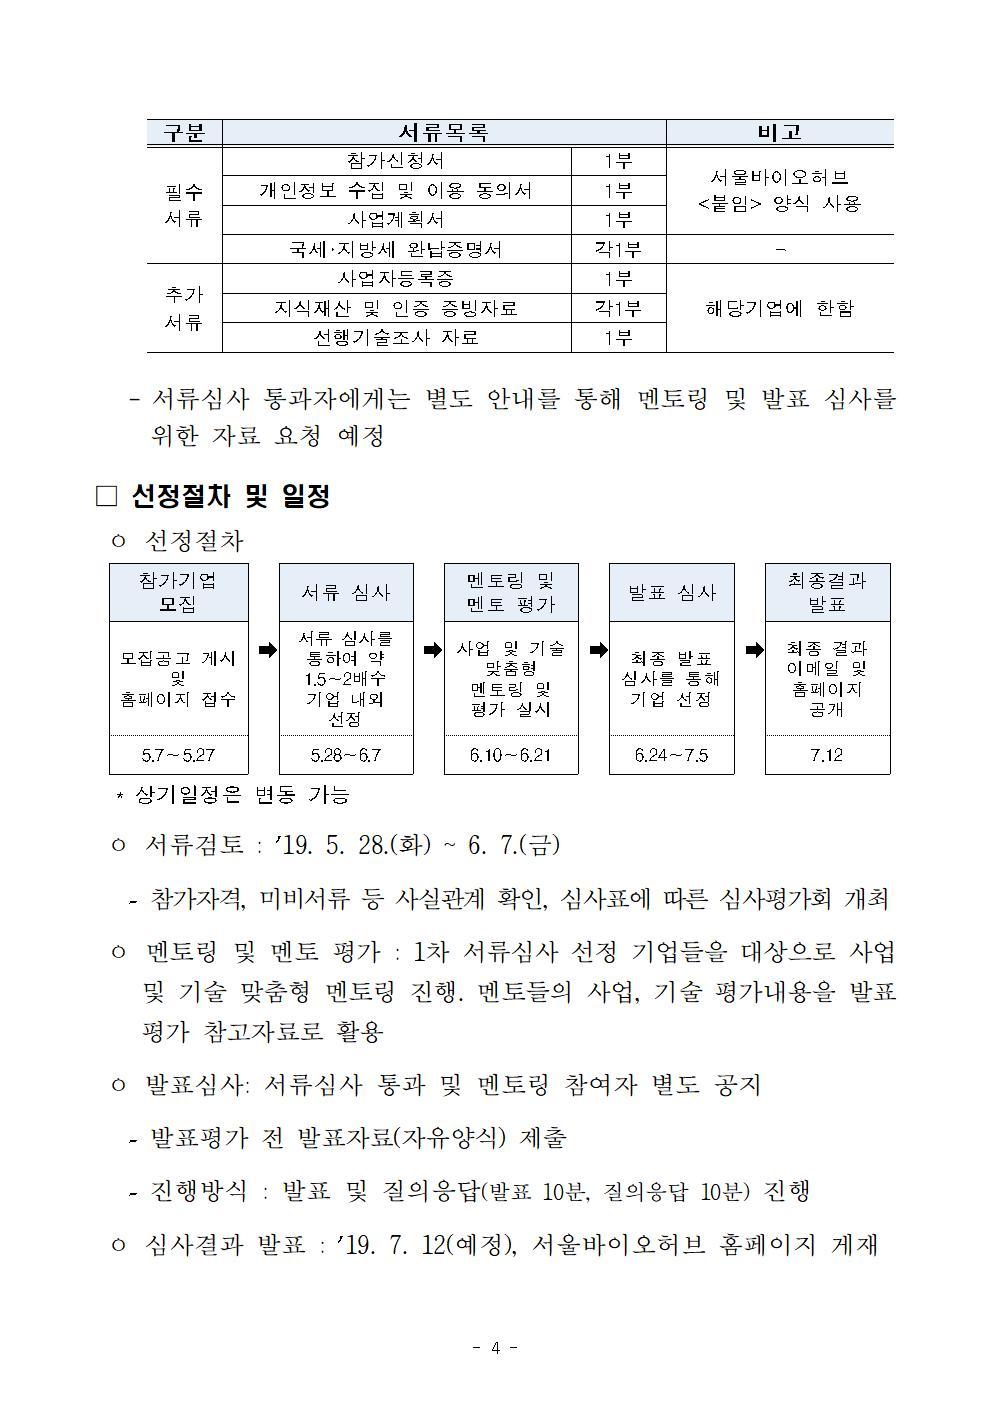 2019년 서울바이오허브 혁신 창업기업 모집 공고_final004